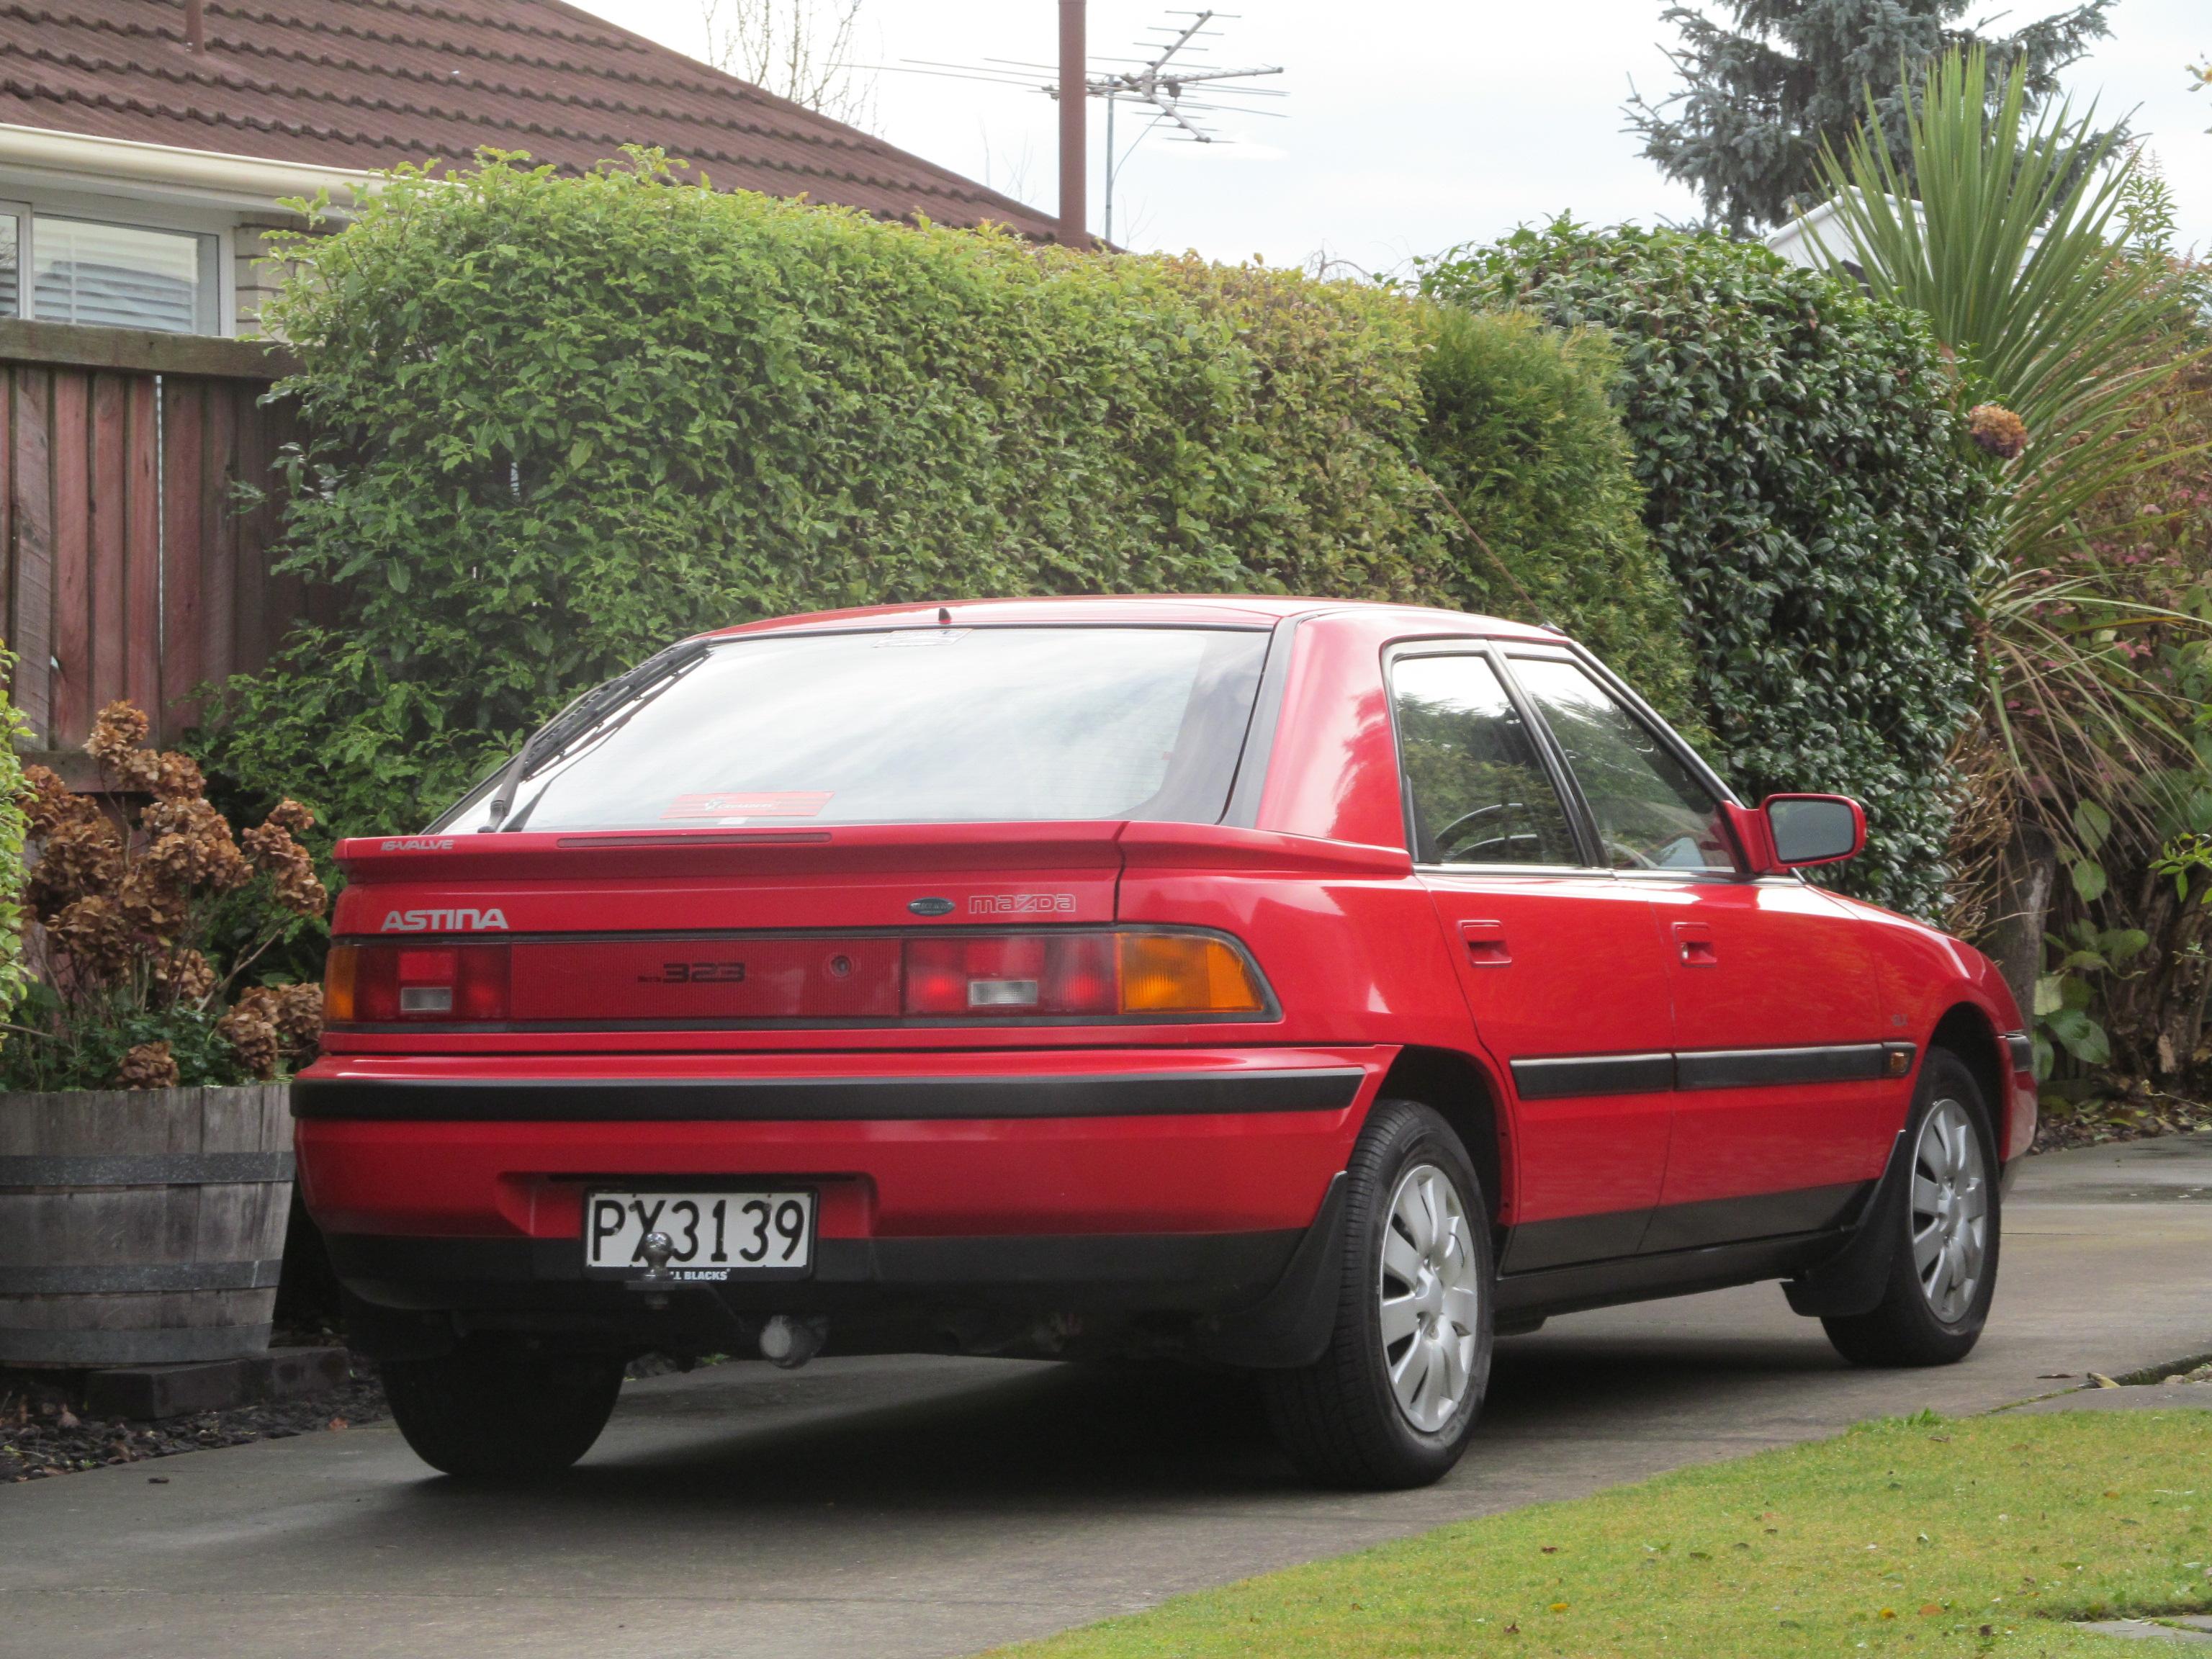 Kekurangan Mazda Astina Murah Berkualitas